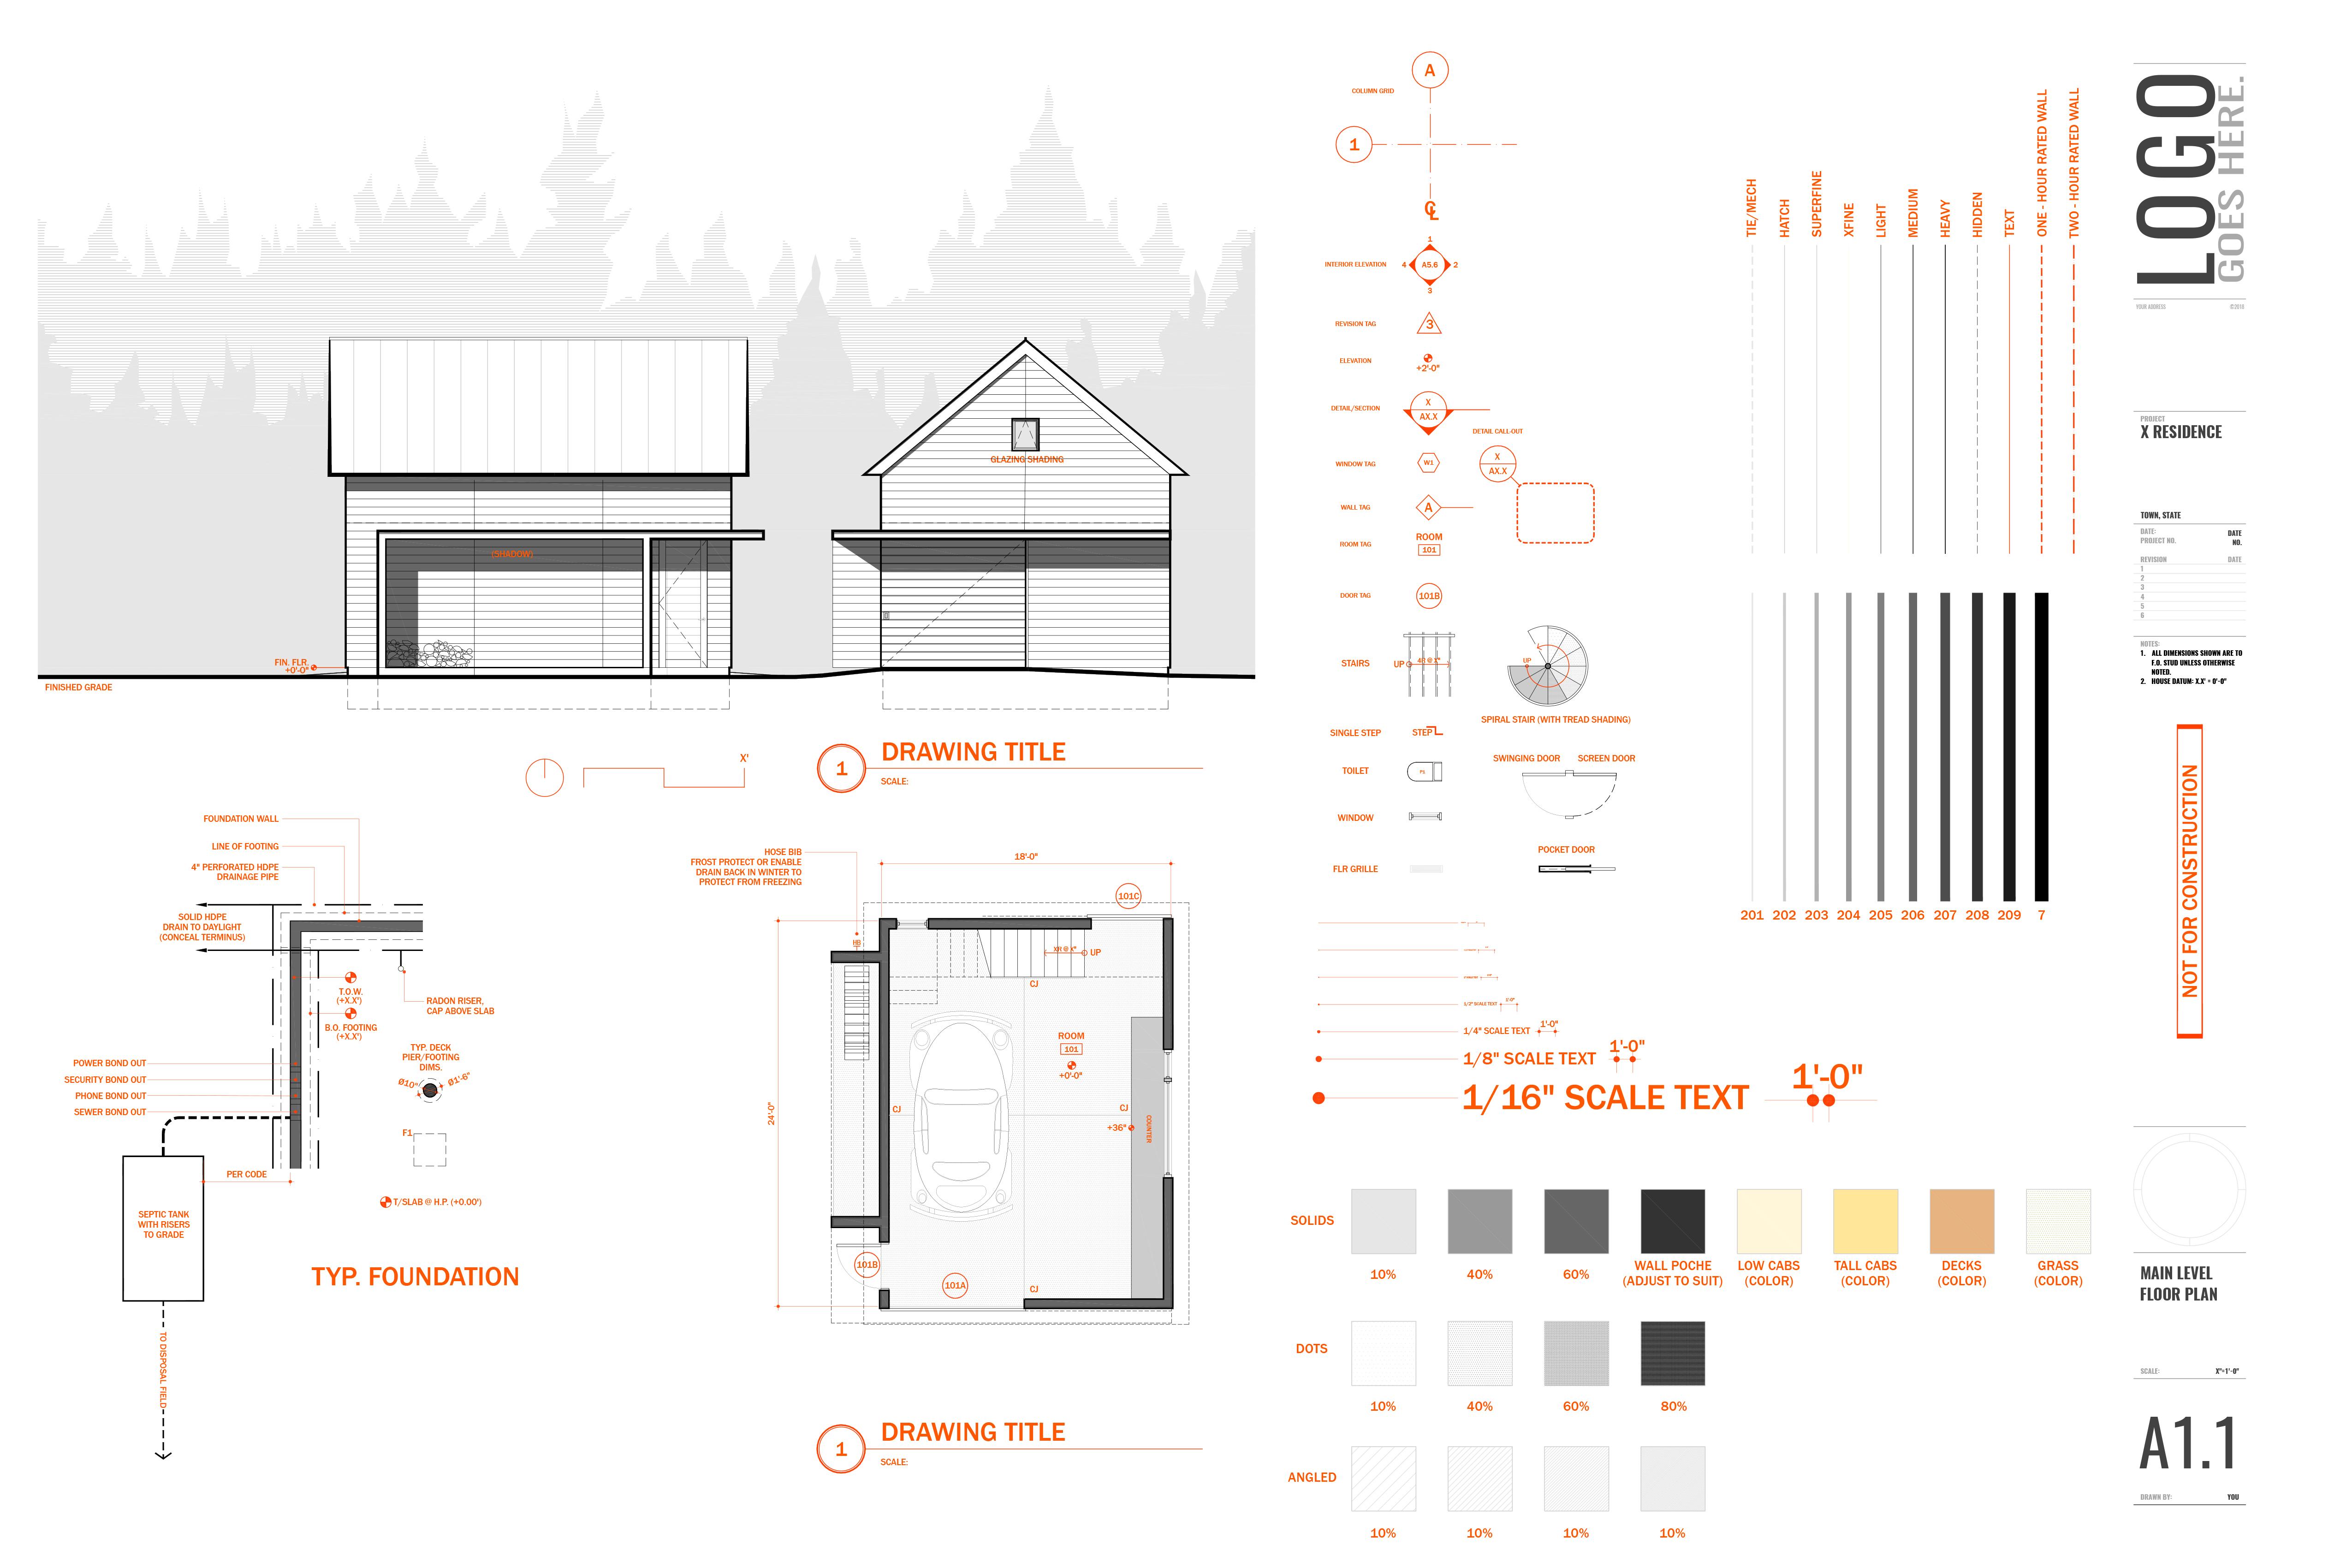 30x40 Design Workshop Autocad Template Architect Entrepreneur